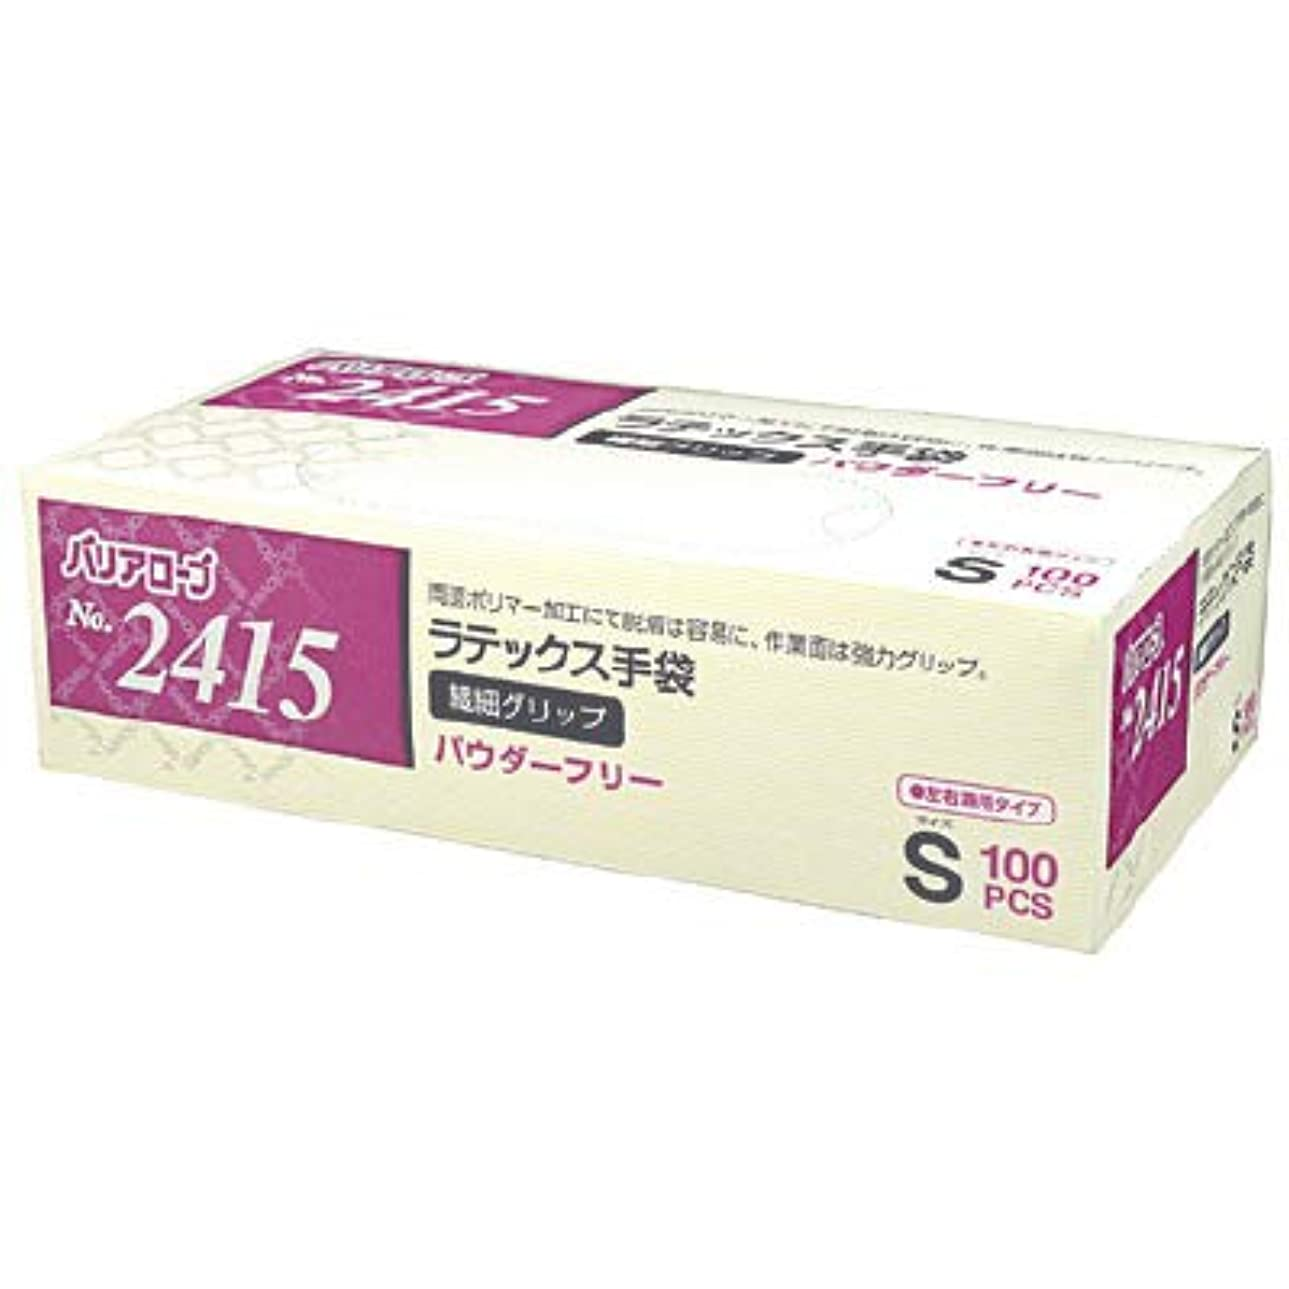 世界的にお風呂訴える【ケース販売】 バリアローブ №2415 ラテックス手袋 繊細グリップ (パウダーフリー) S 2000枚(100枚×20箱)